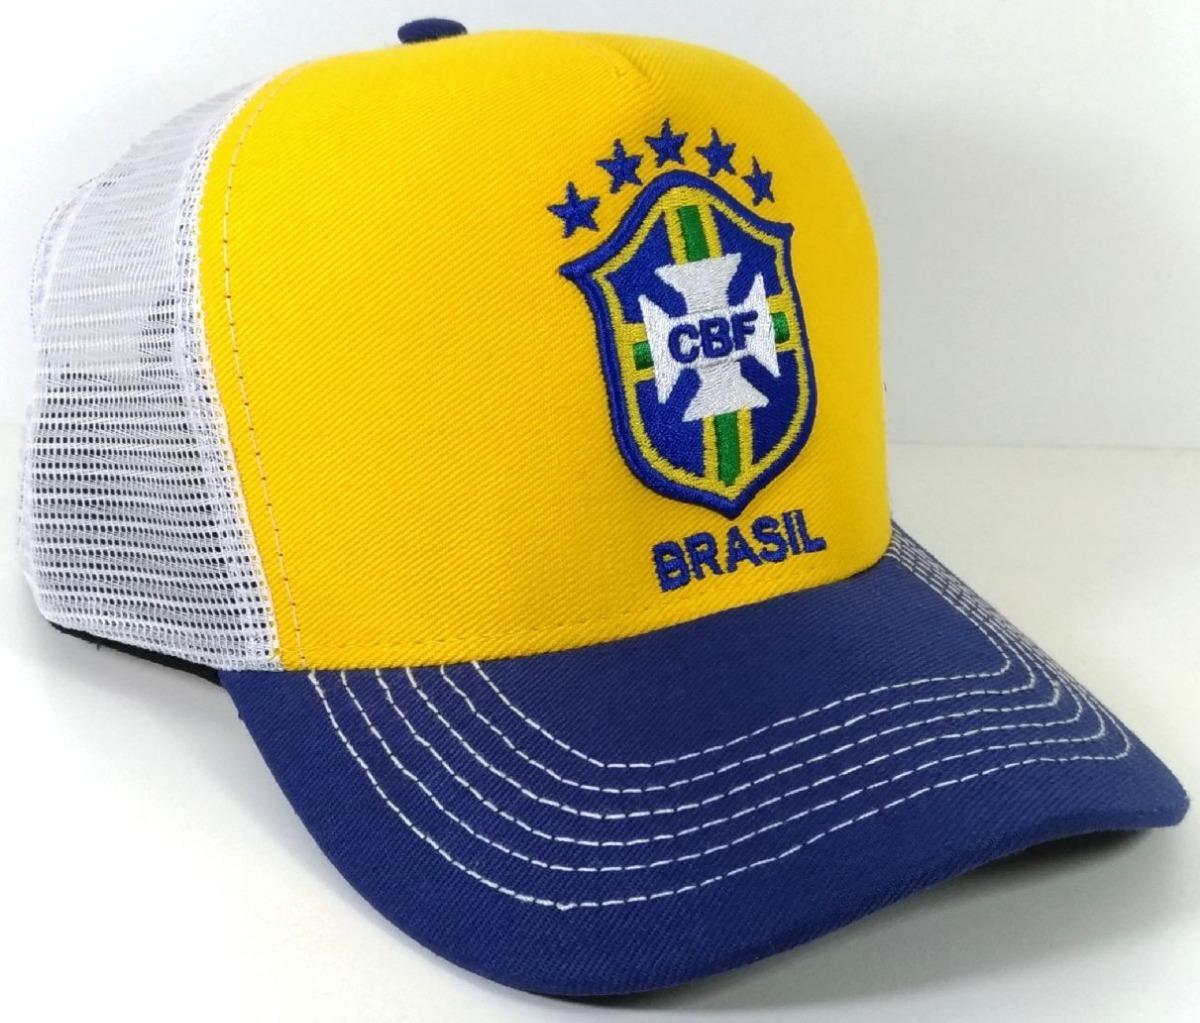 8a575472be19e Boné Seleção Brasileira Tela Trucker Brasil Telinha Barato - R  29 ...